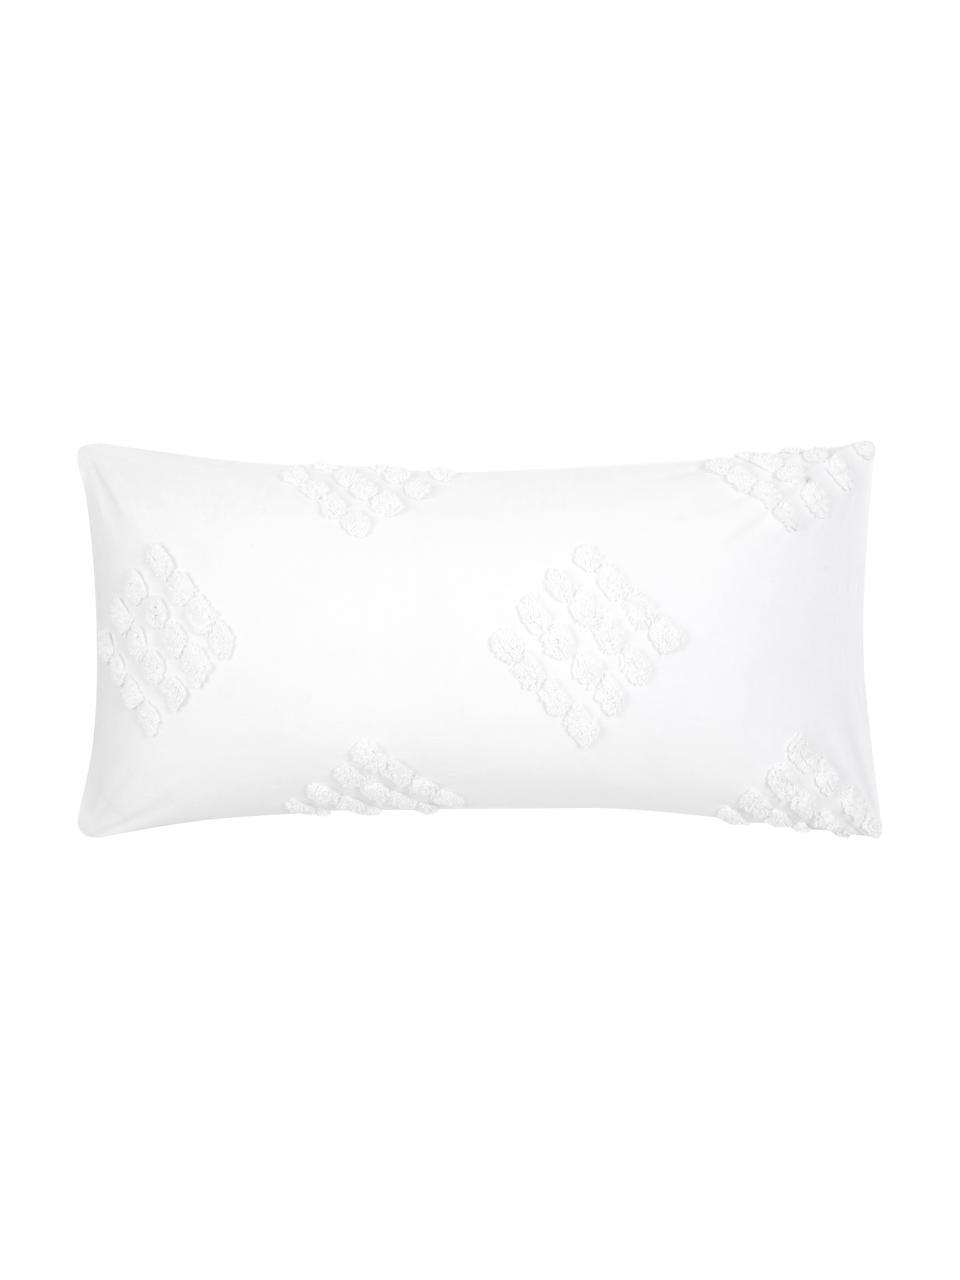 Baumwollperkal-Kissenbezüge Fia mit getufteter Verzierung, 2 Stück, Webart: Perkal Perkal ist ein fei, Weiß, 40 x 80 cm